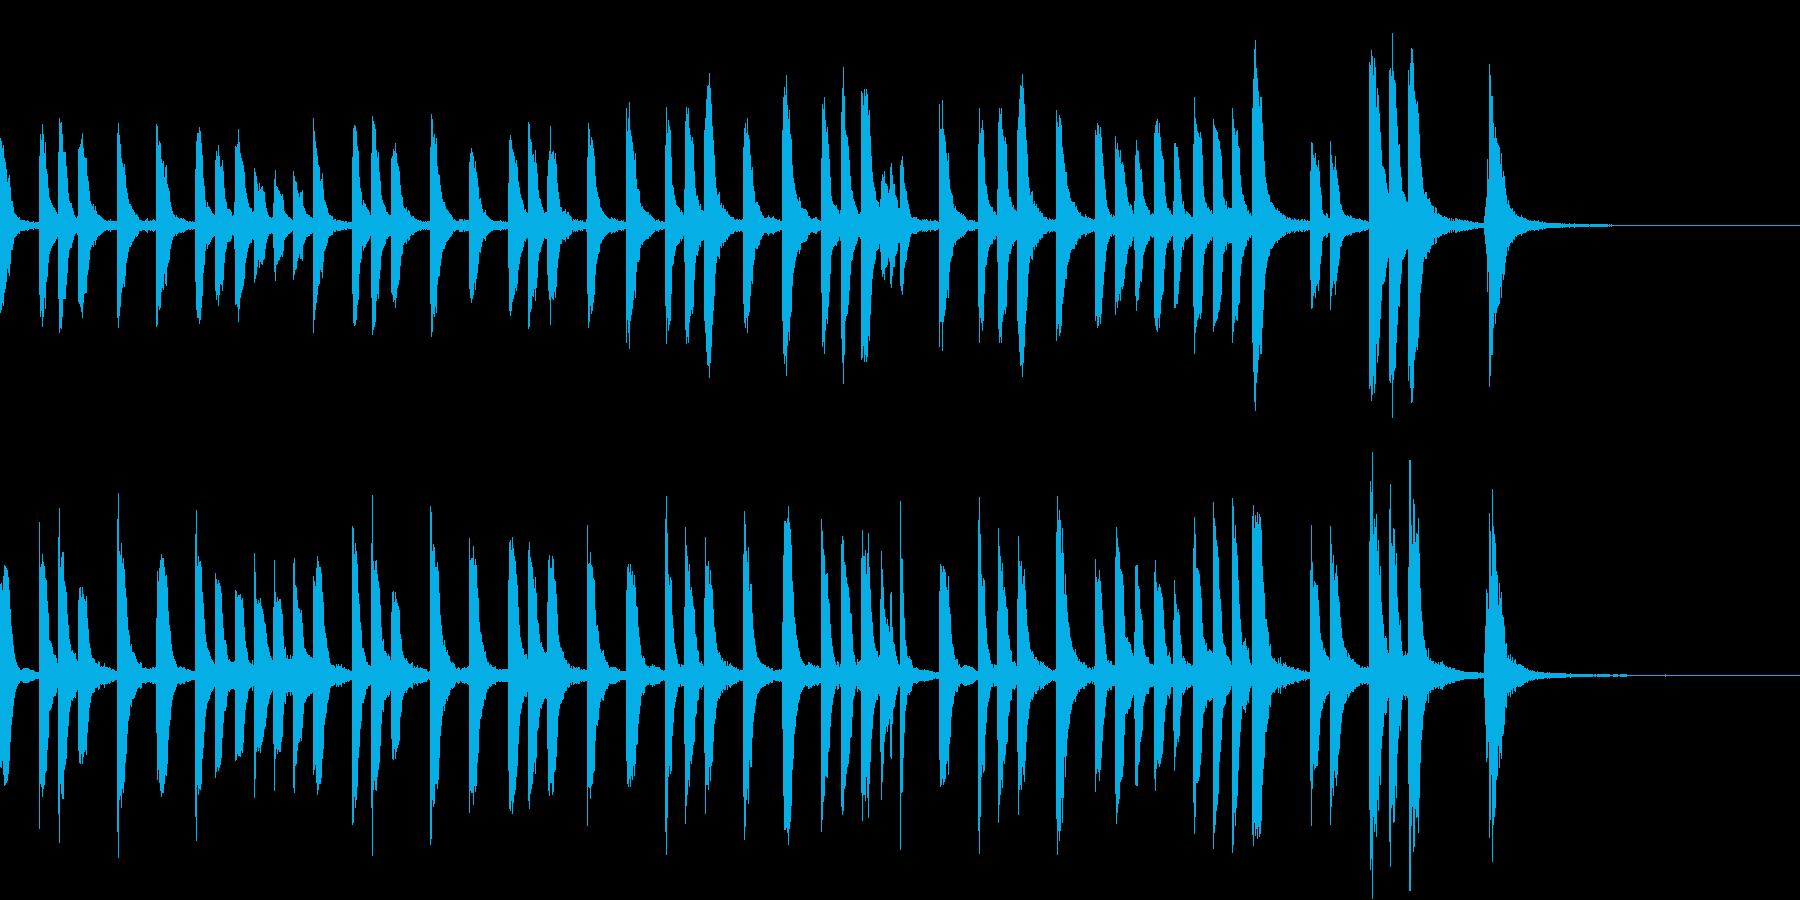 コミカルでカワイイほのぼのしたピアノ曲の再生済みの波形